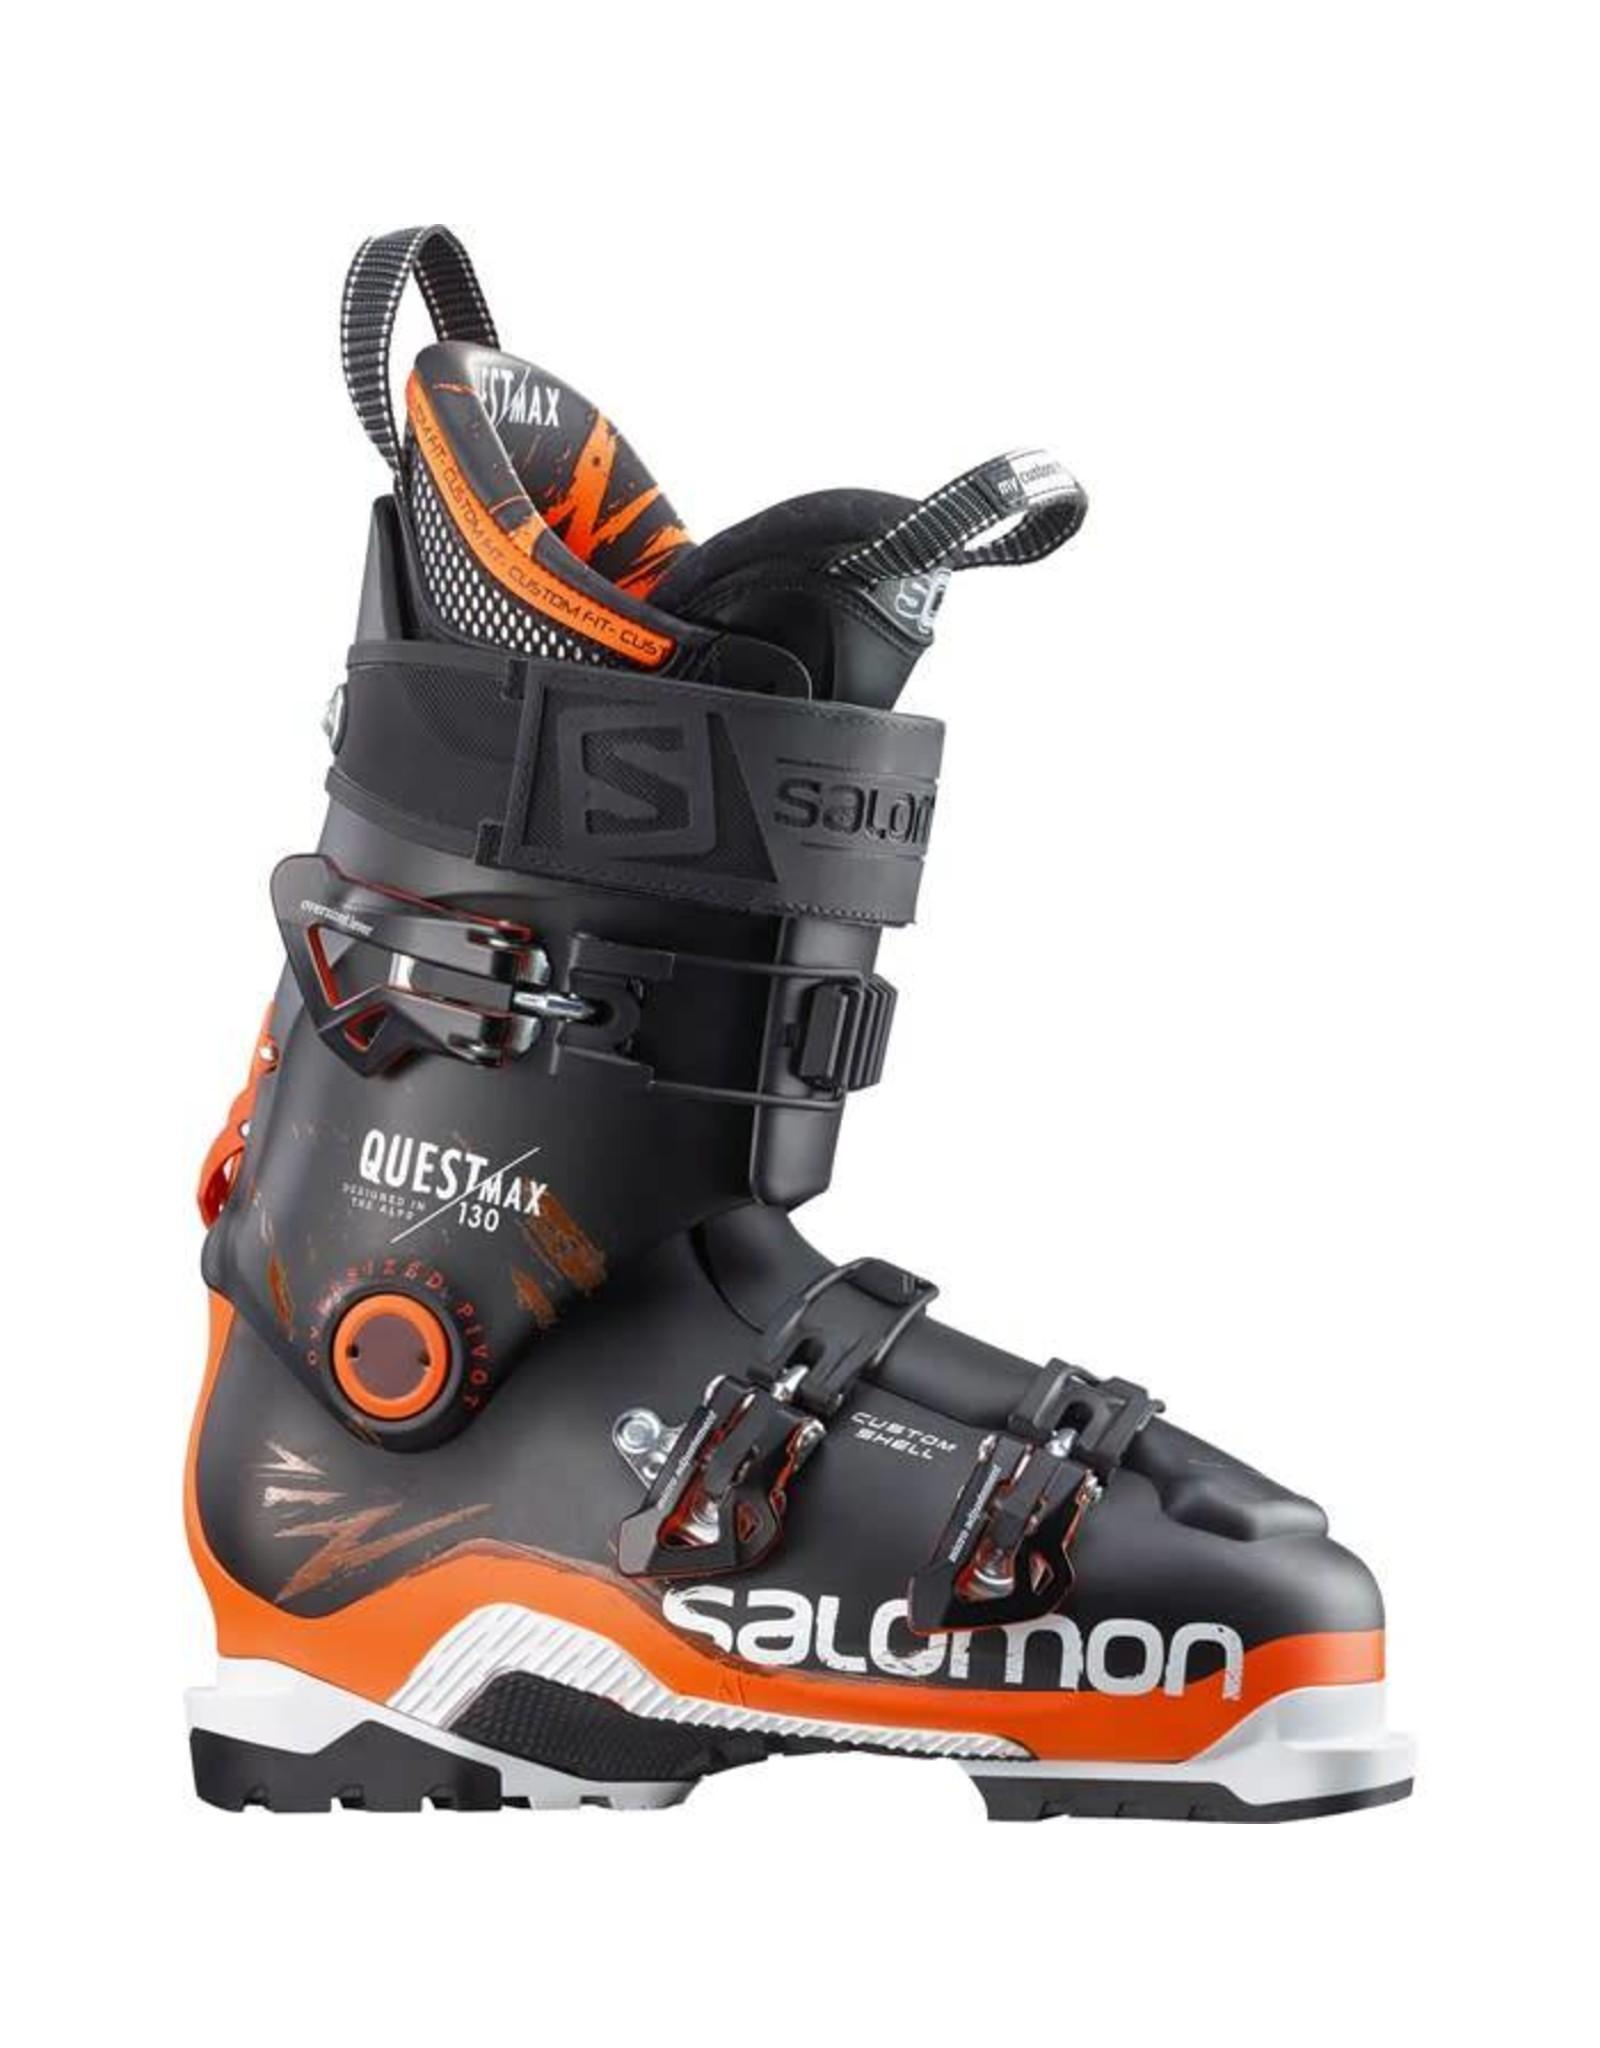 Salomon SALOMON Quest Max 130 Men's Boot